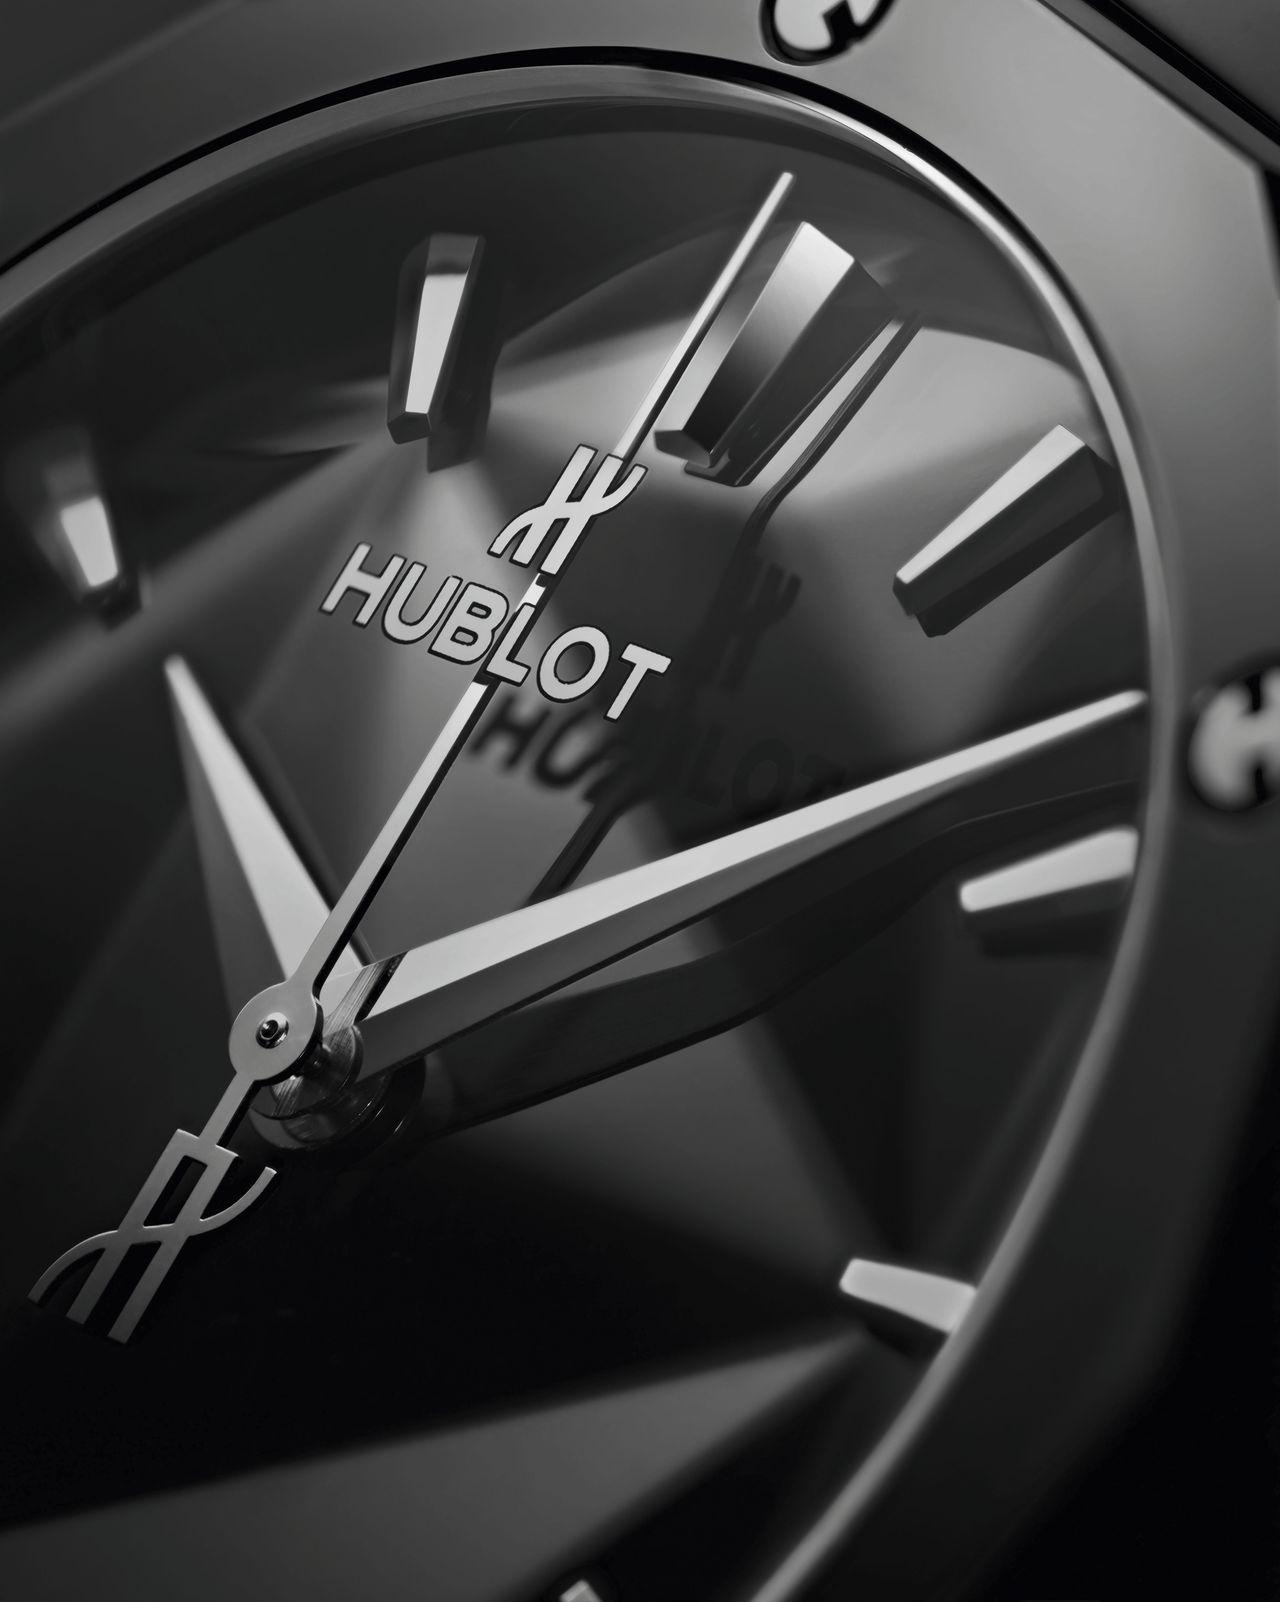 Hublot Classic Fusion Orlinski 40mm - részleteiben gazdagabb a számlap annál, mint azt elsőre gondolnánk